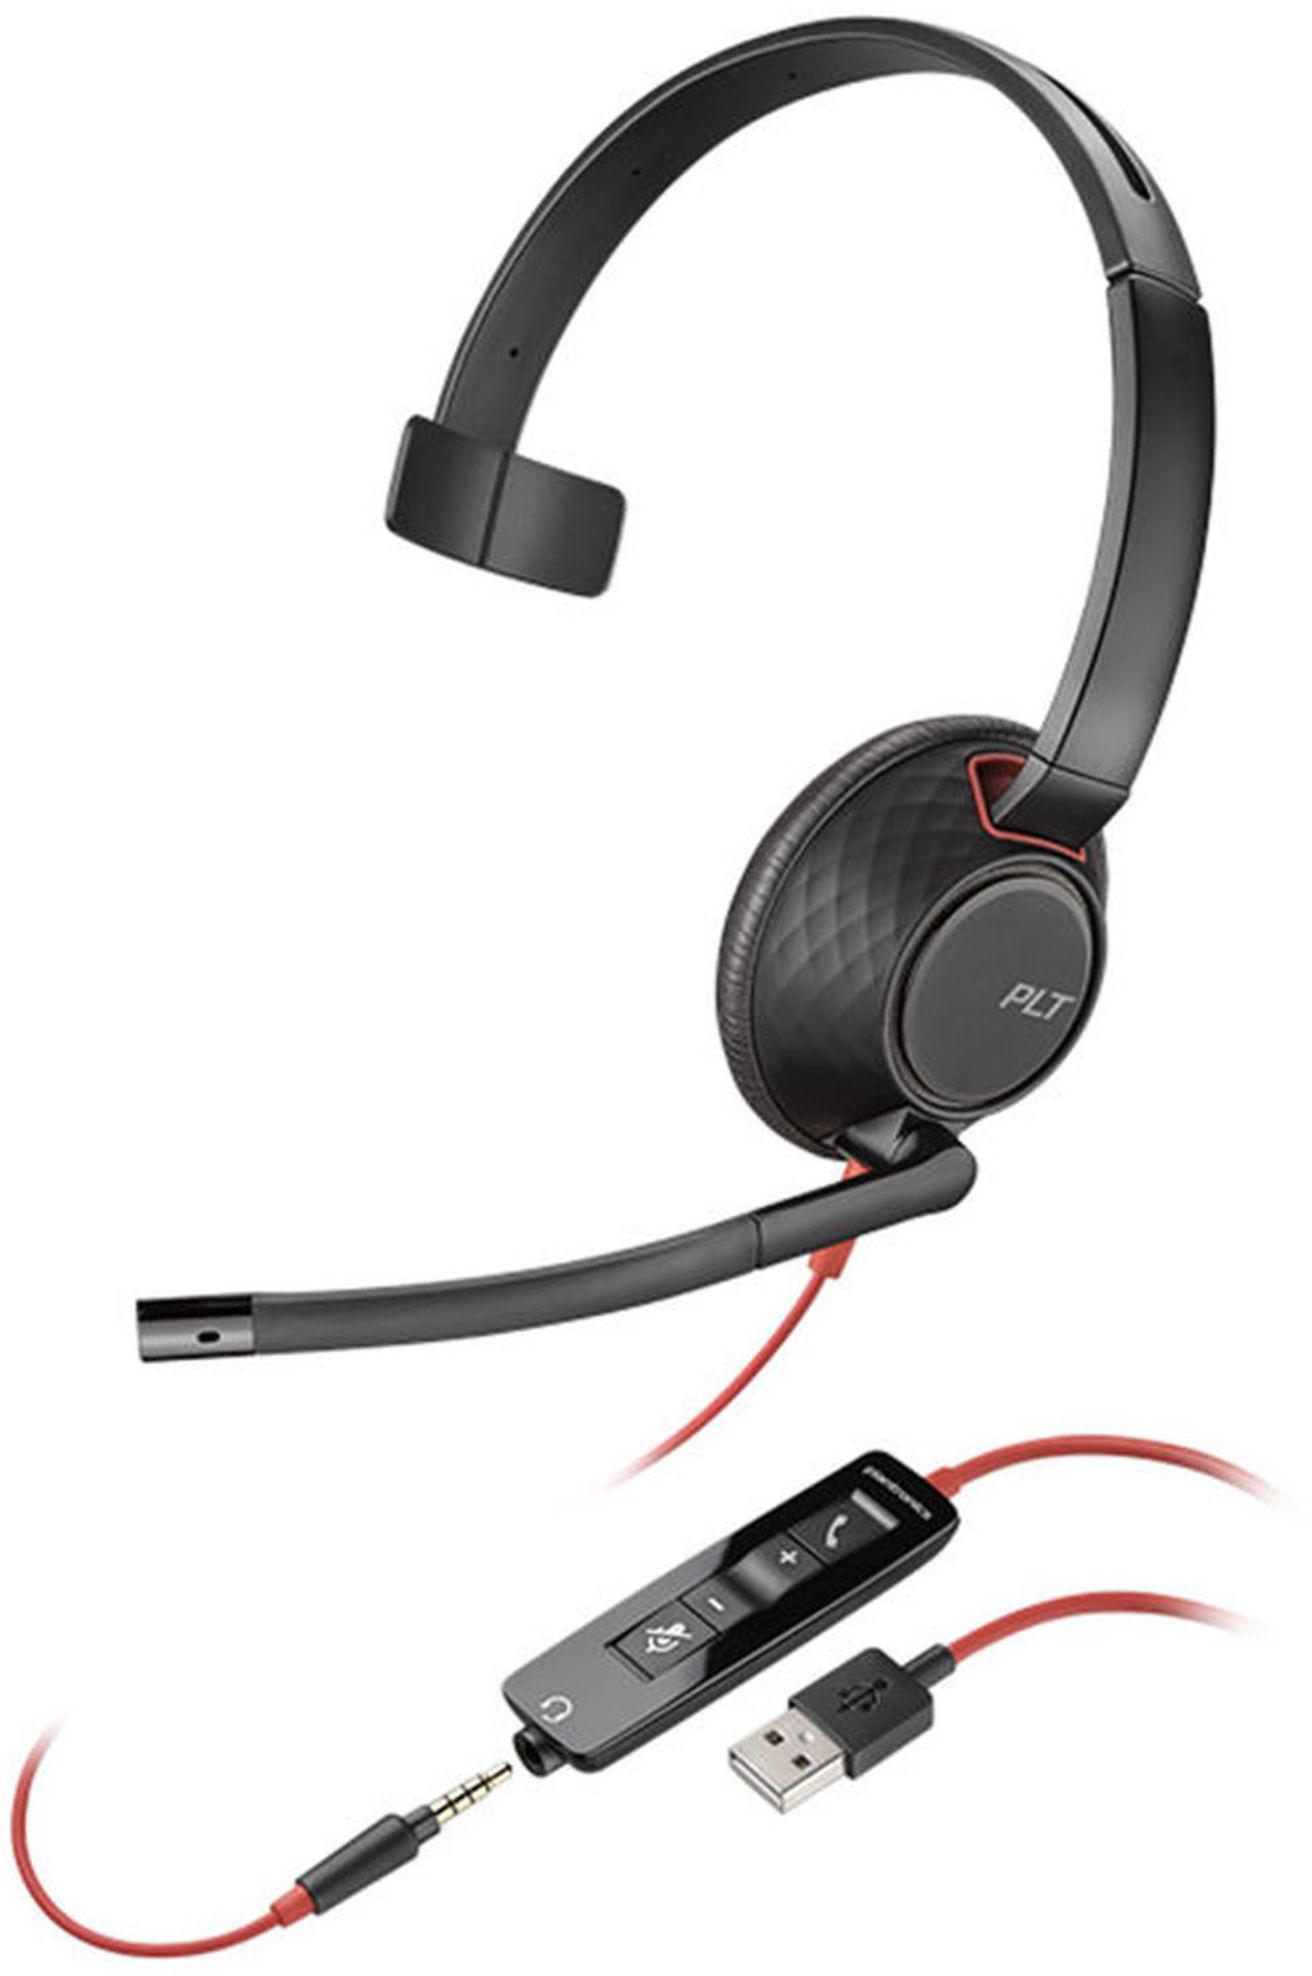 Słuchawki z mikrofonem Plantronics Blackwire 5210,C5210 (207577-01), przewodowe